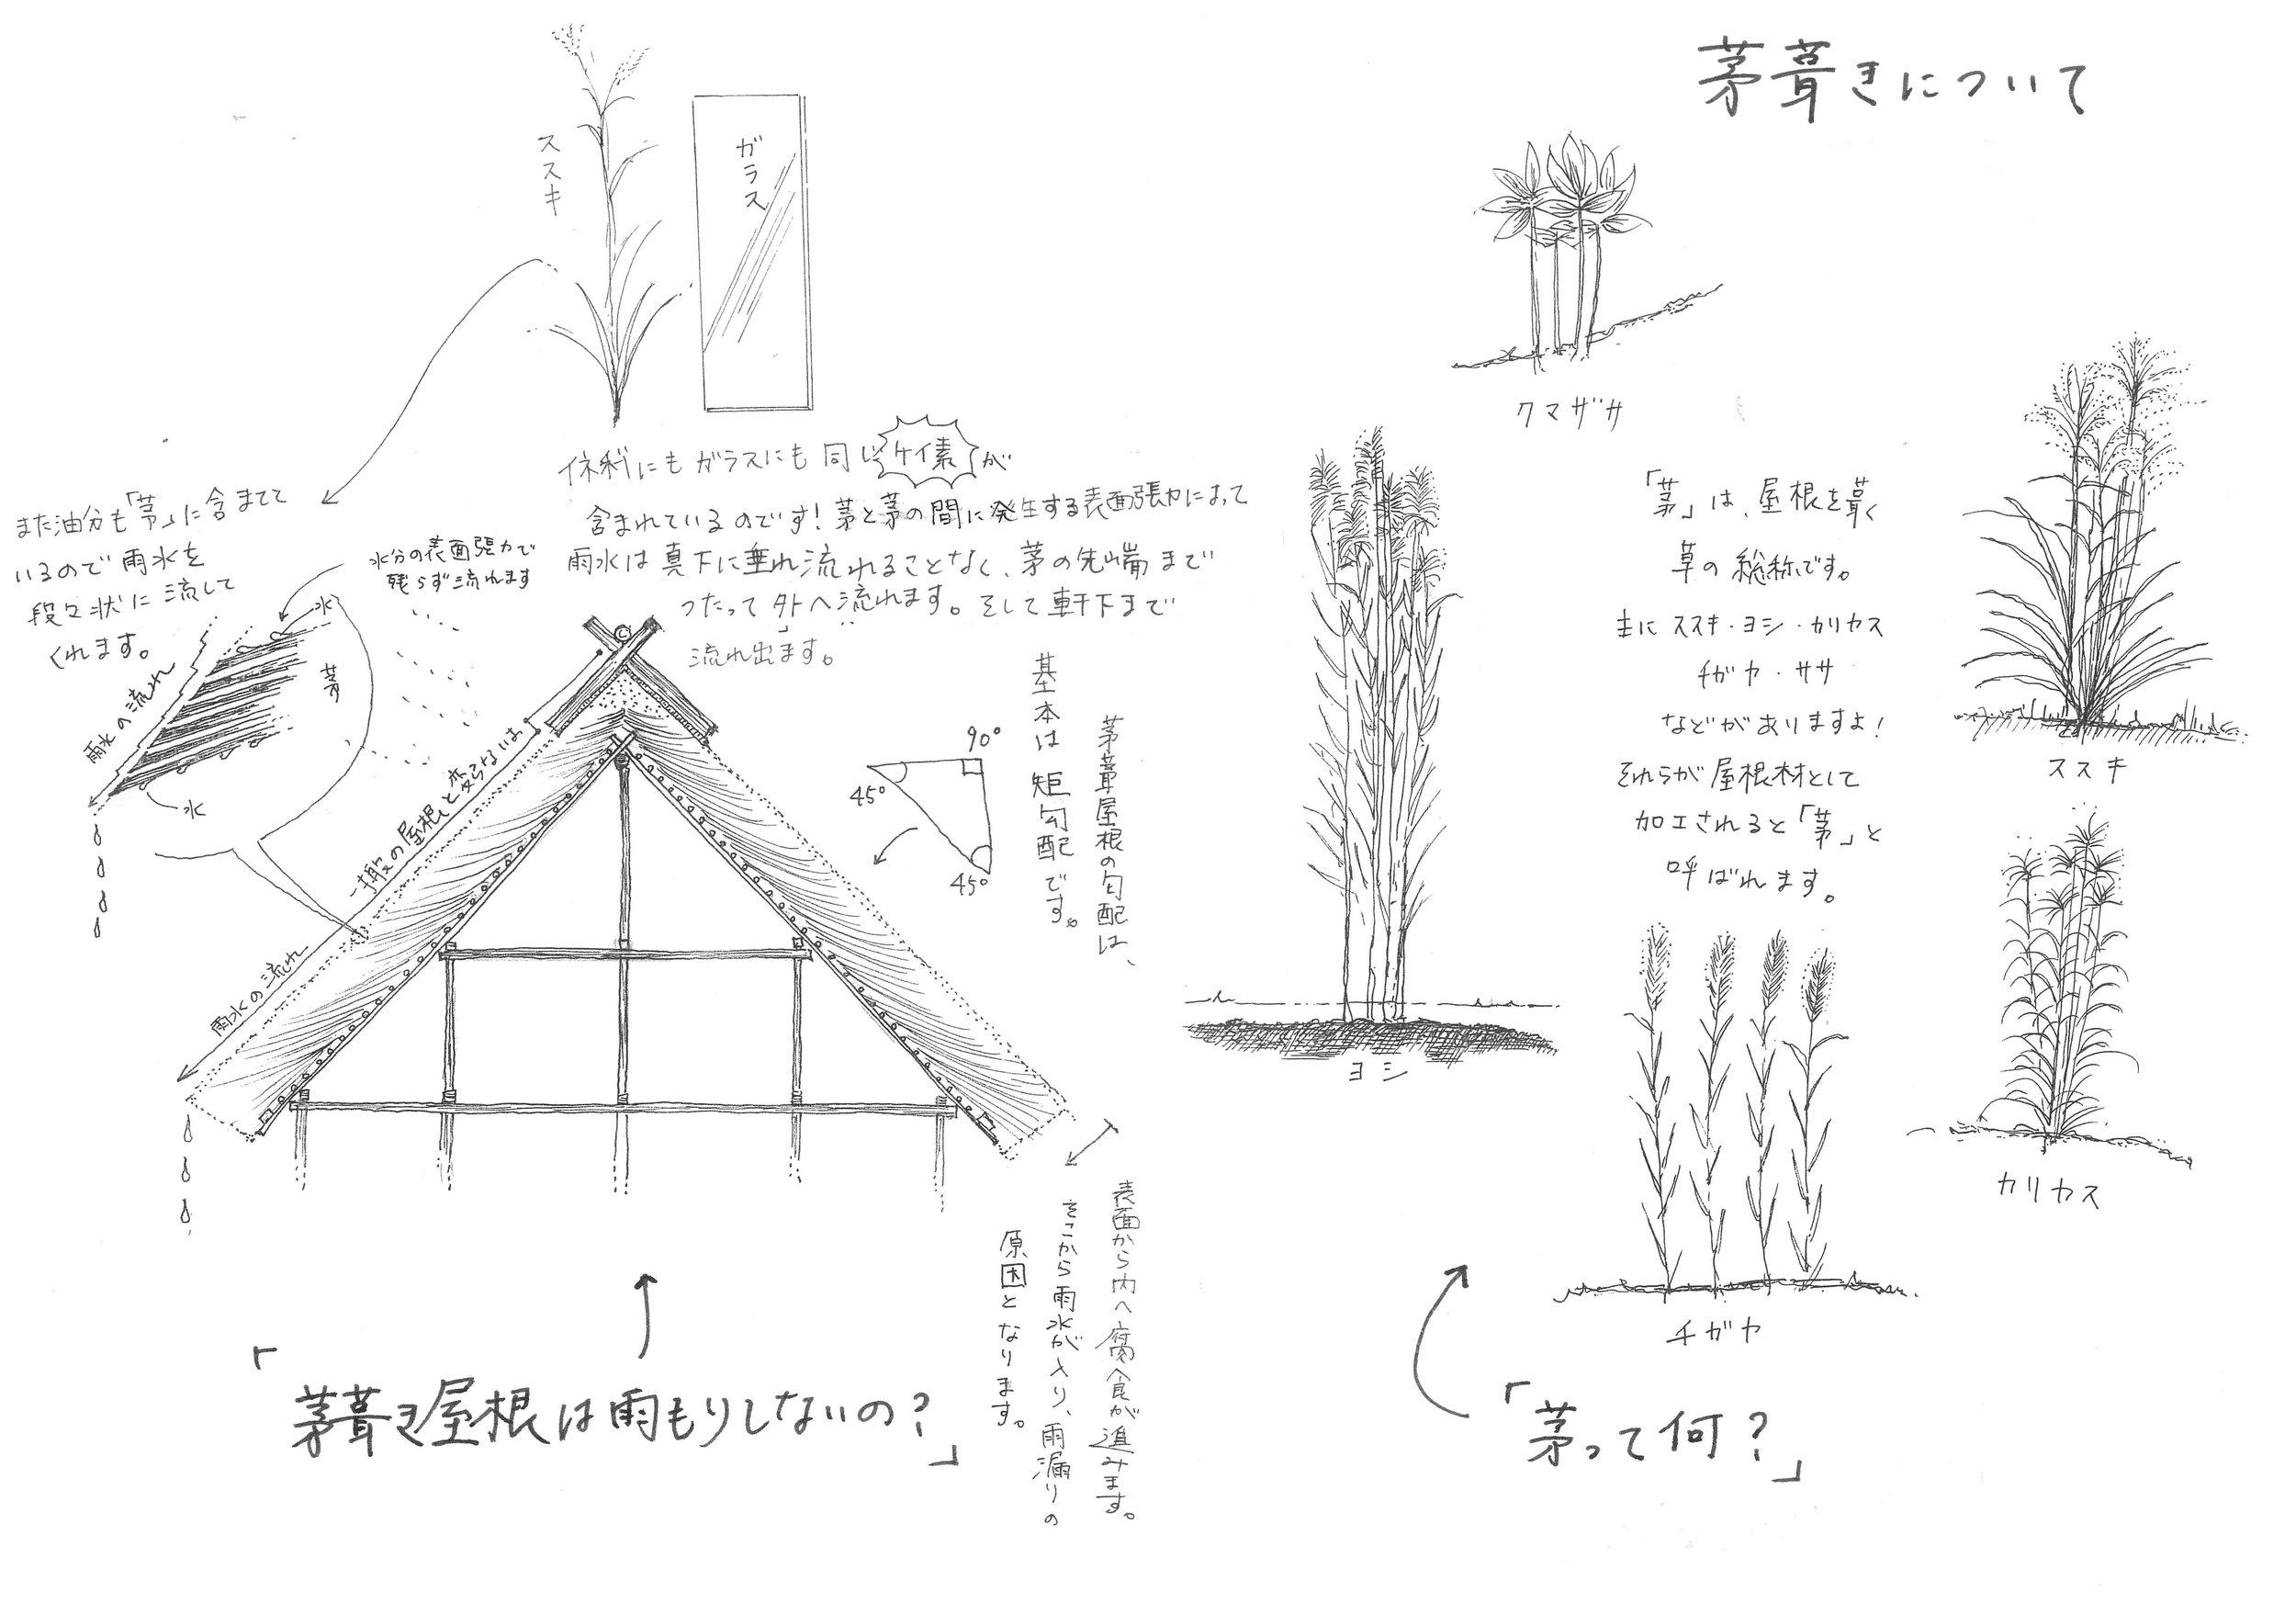 美山茅葺株式会社の岡 祐紀さんにご提供いただきました